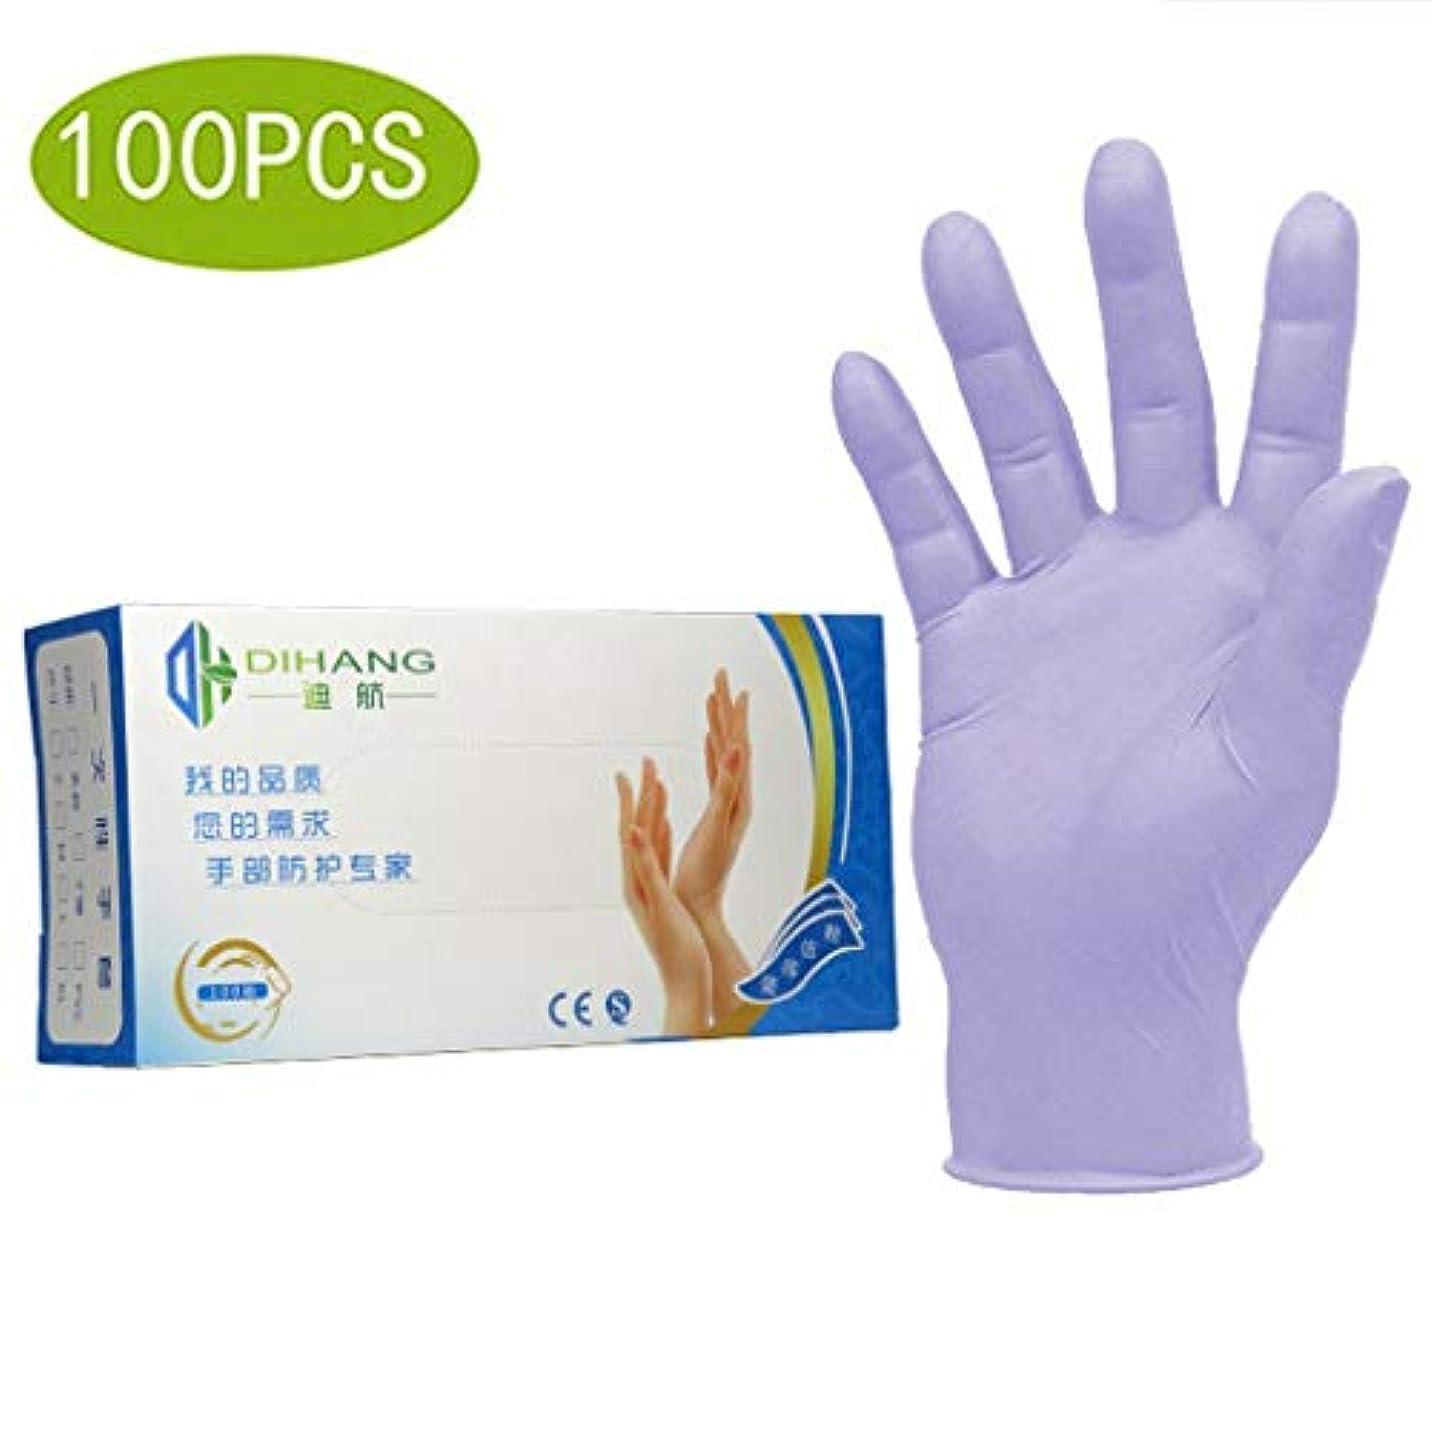 まもなく祝う代わりにを立てる100倍使い捨て手袋耐酸性および耐アルカリ性試験軽量安全フィットニトリル手袋中粉末フリーラテックスフリーライト作業清掃園芸医療用グレードタトゥーパーソナル (Size : S)